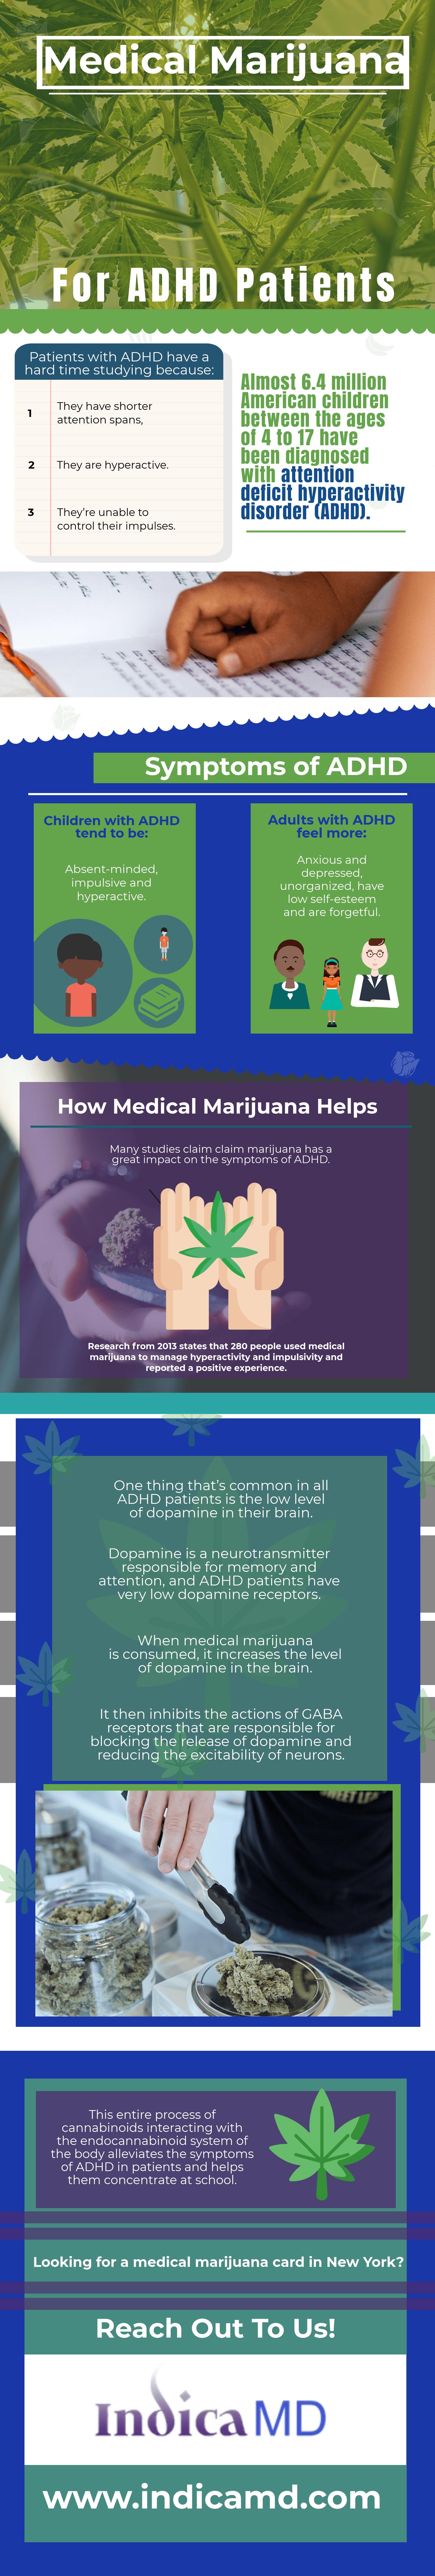 Medical Marijuana For ADHD Patients